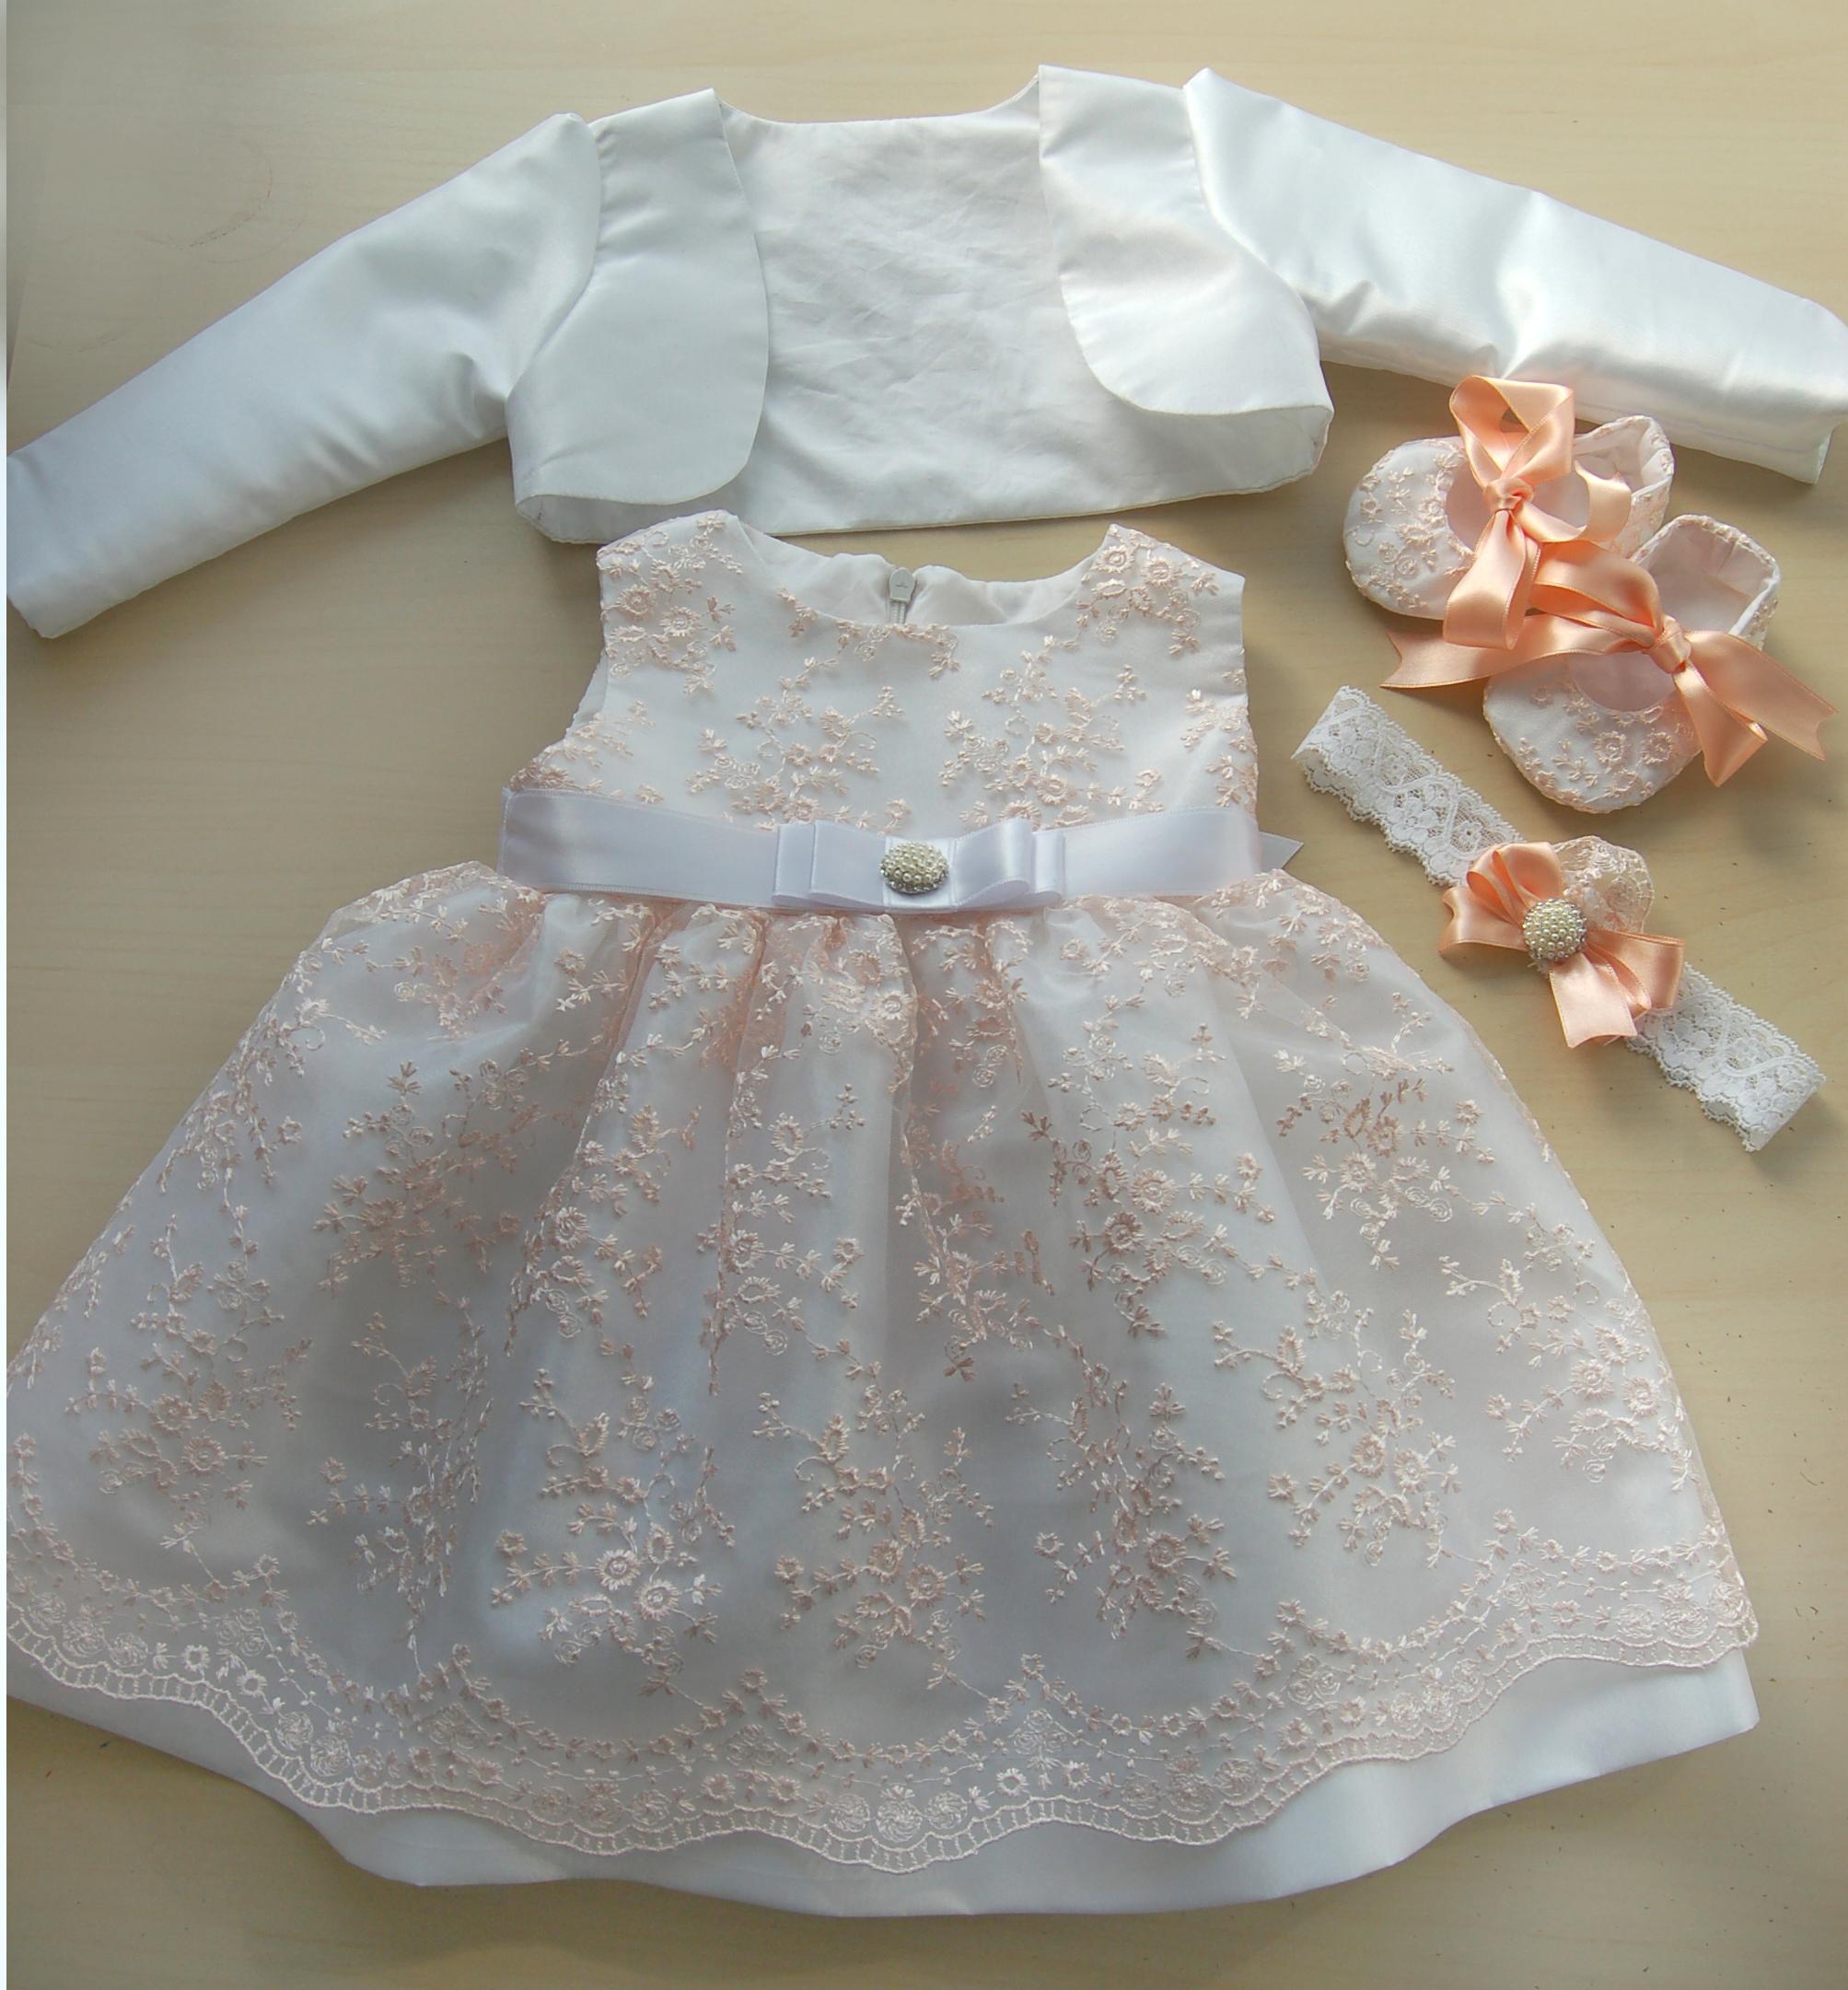 3bda71938f2 Рокля за кръщене в бяло и праскова Детски рокли за кръщене, Официални  детски рокли